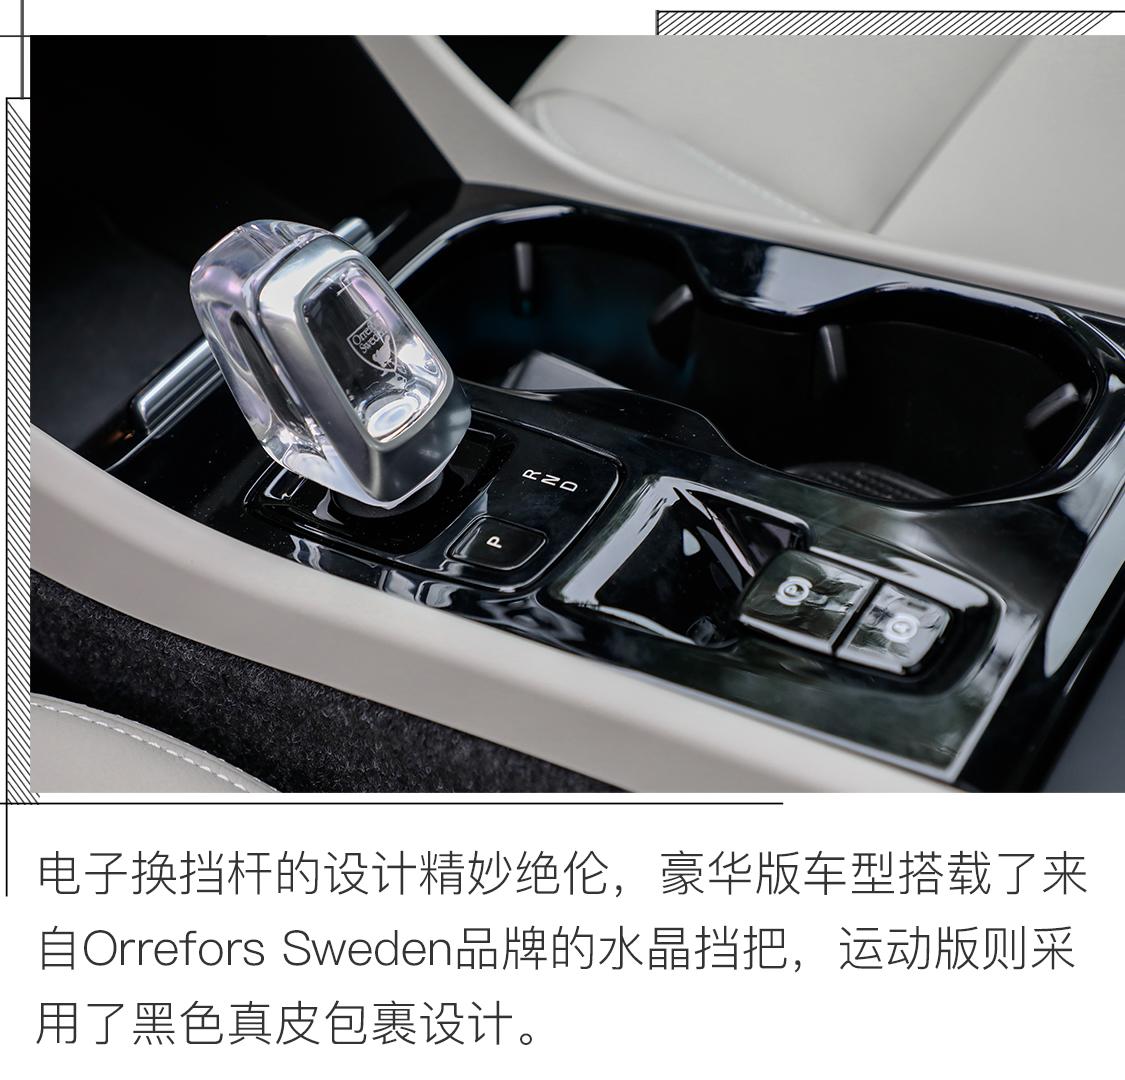 享受片刻的惬意 试驾全新沃尔沃XC40